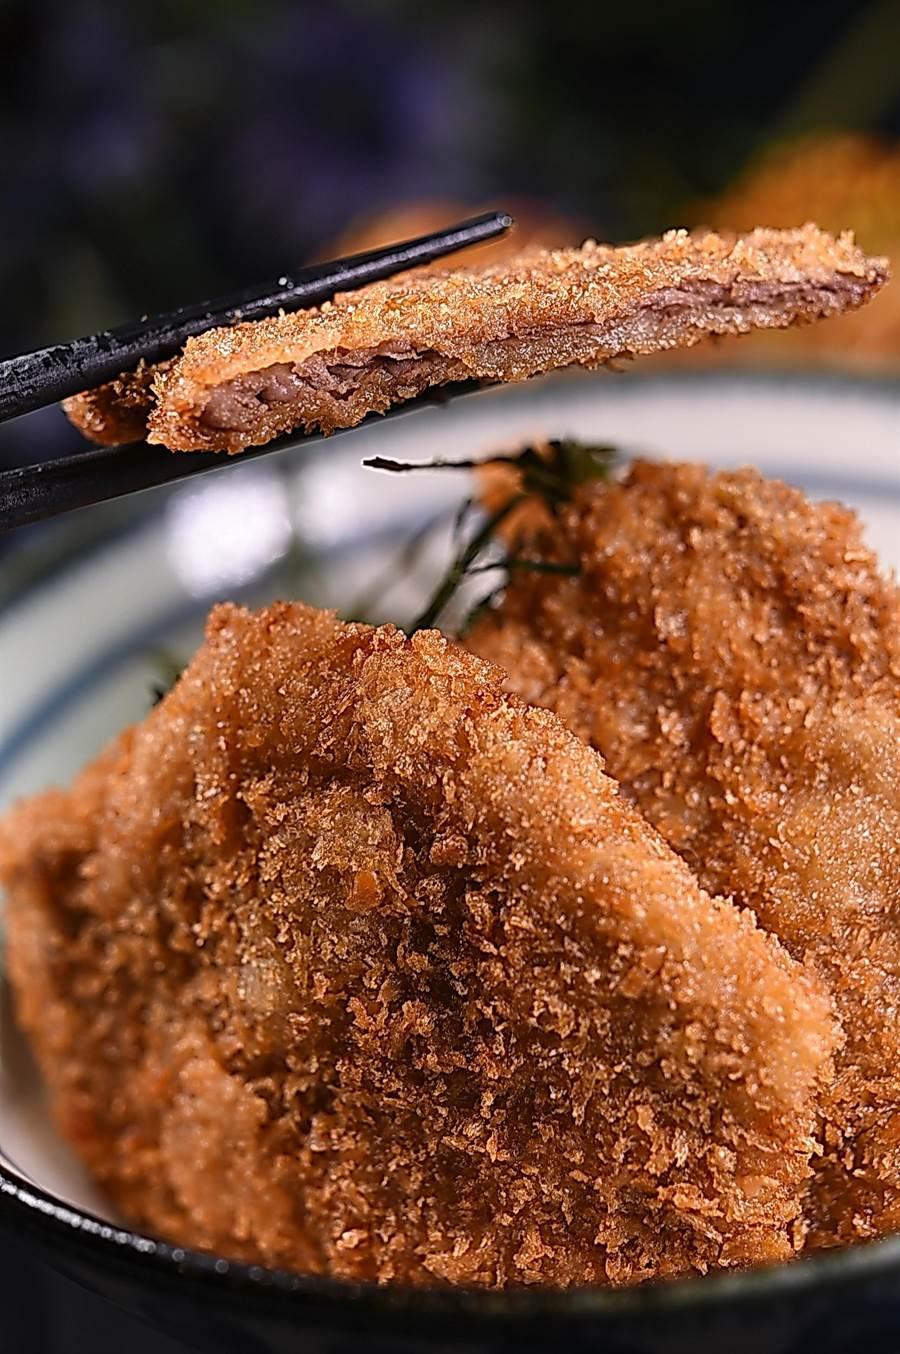 〈和式牛醬丼〉是將菲力部位打薄後裹麵衣快炸,出菜時再淋上用味醂與醬油特調的醬汁,因為薄,油脂少的菲力吃來口感不錯。(圖/姚舜)